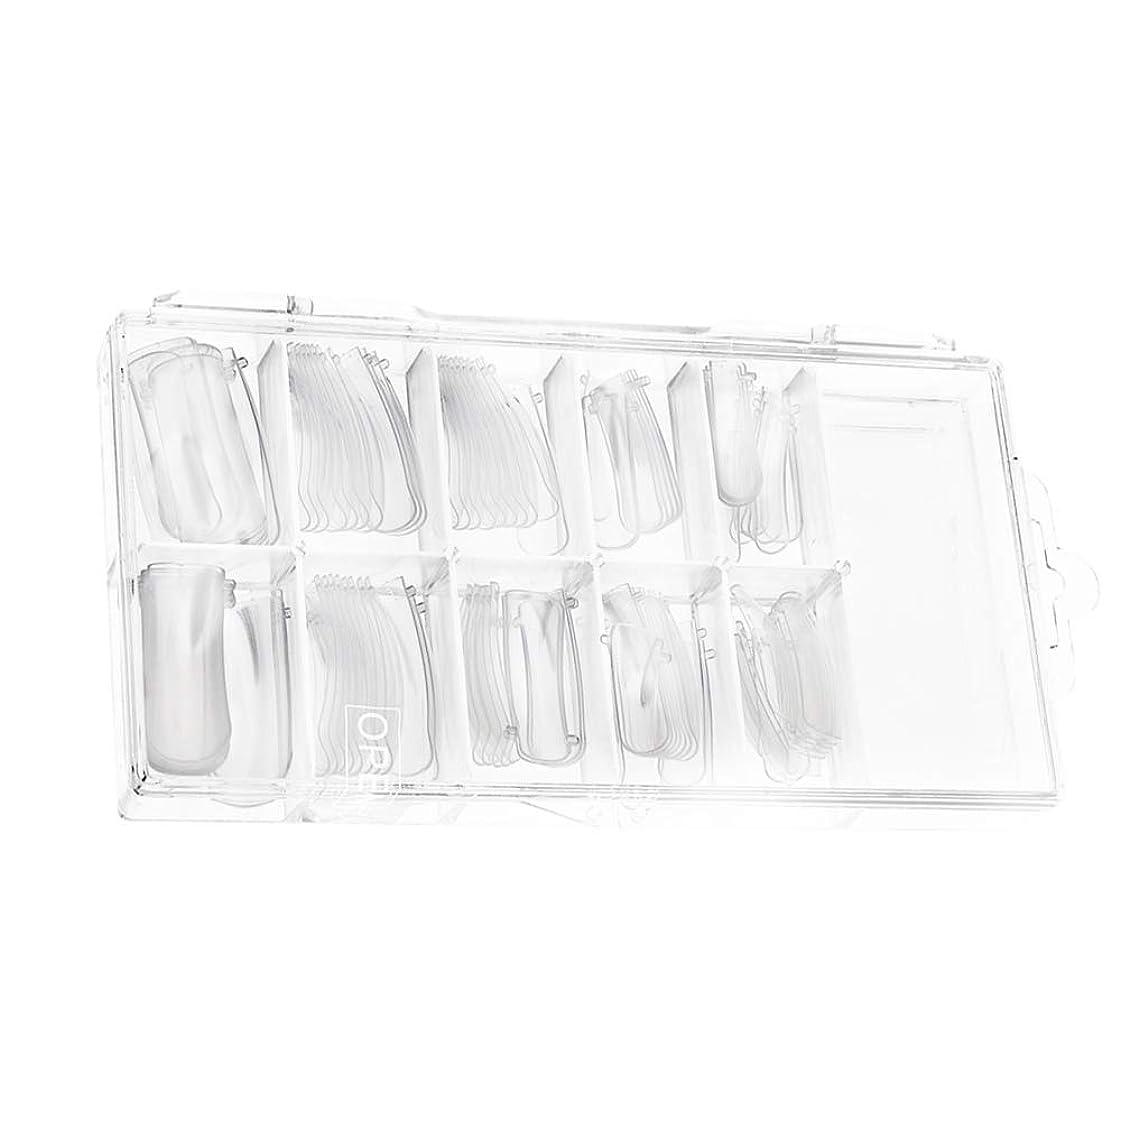 以前はフランクワースリーピストルたくさん100棺ネイルクリアバレリーナネイルのヒントロングフルカバーアクリルネイル個人用または業務用(クリア)用10サイズ